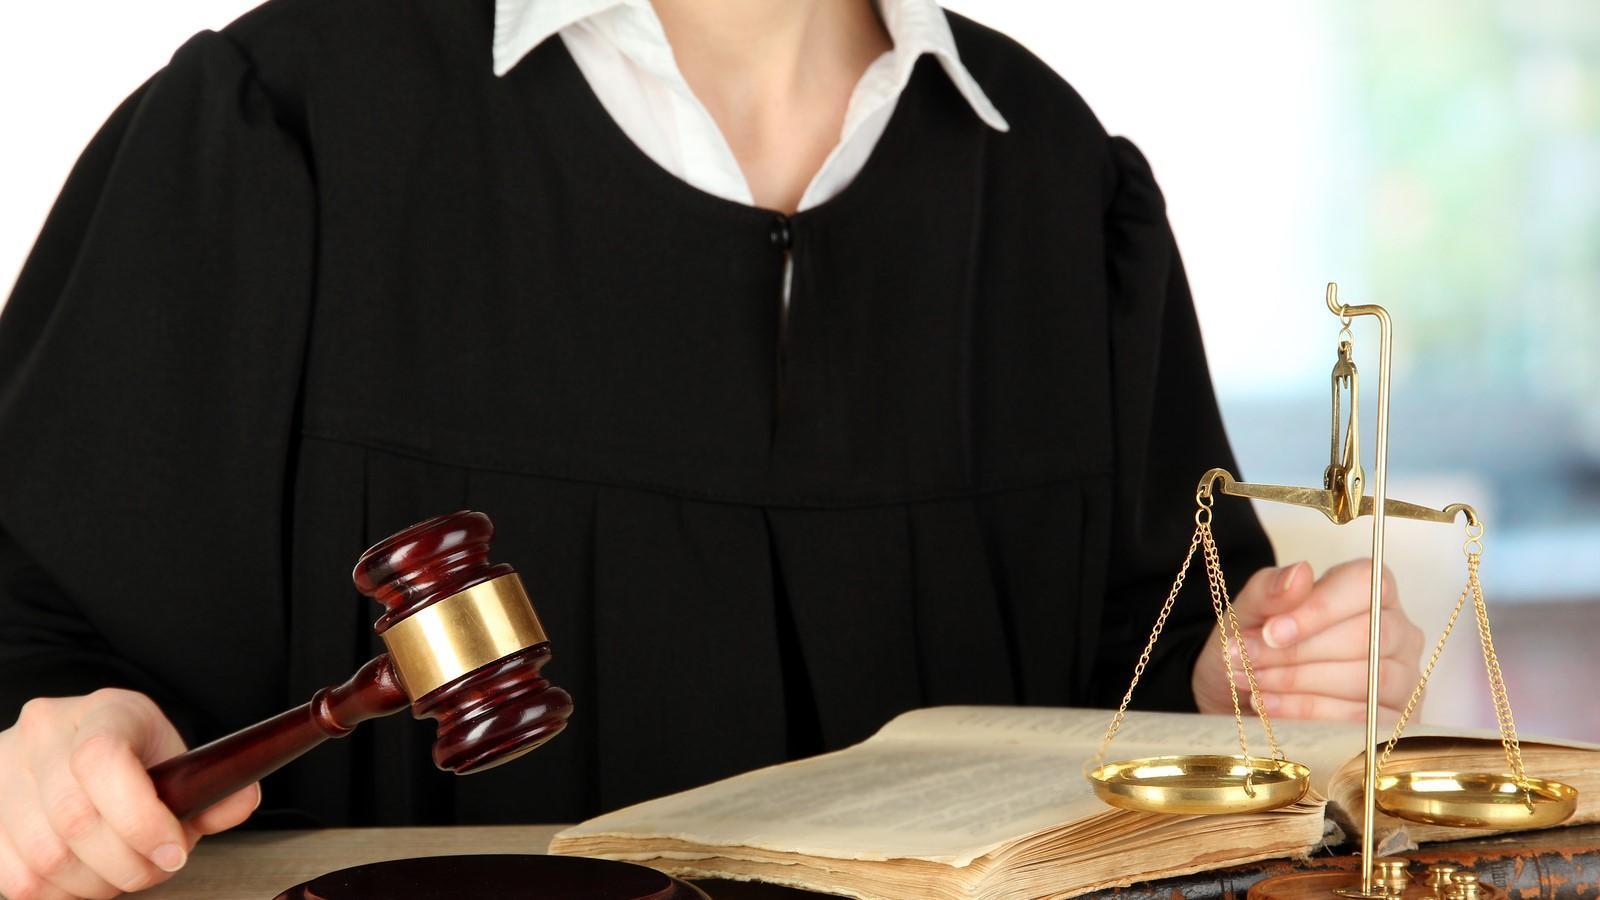 Вологжанин не сдержался и публично оскорбил мирового судью